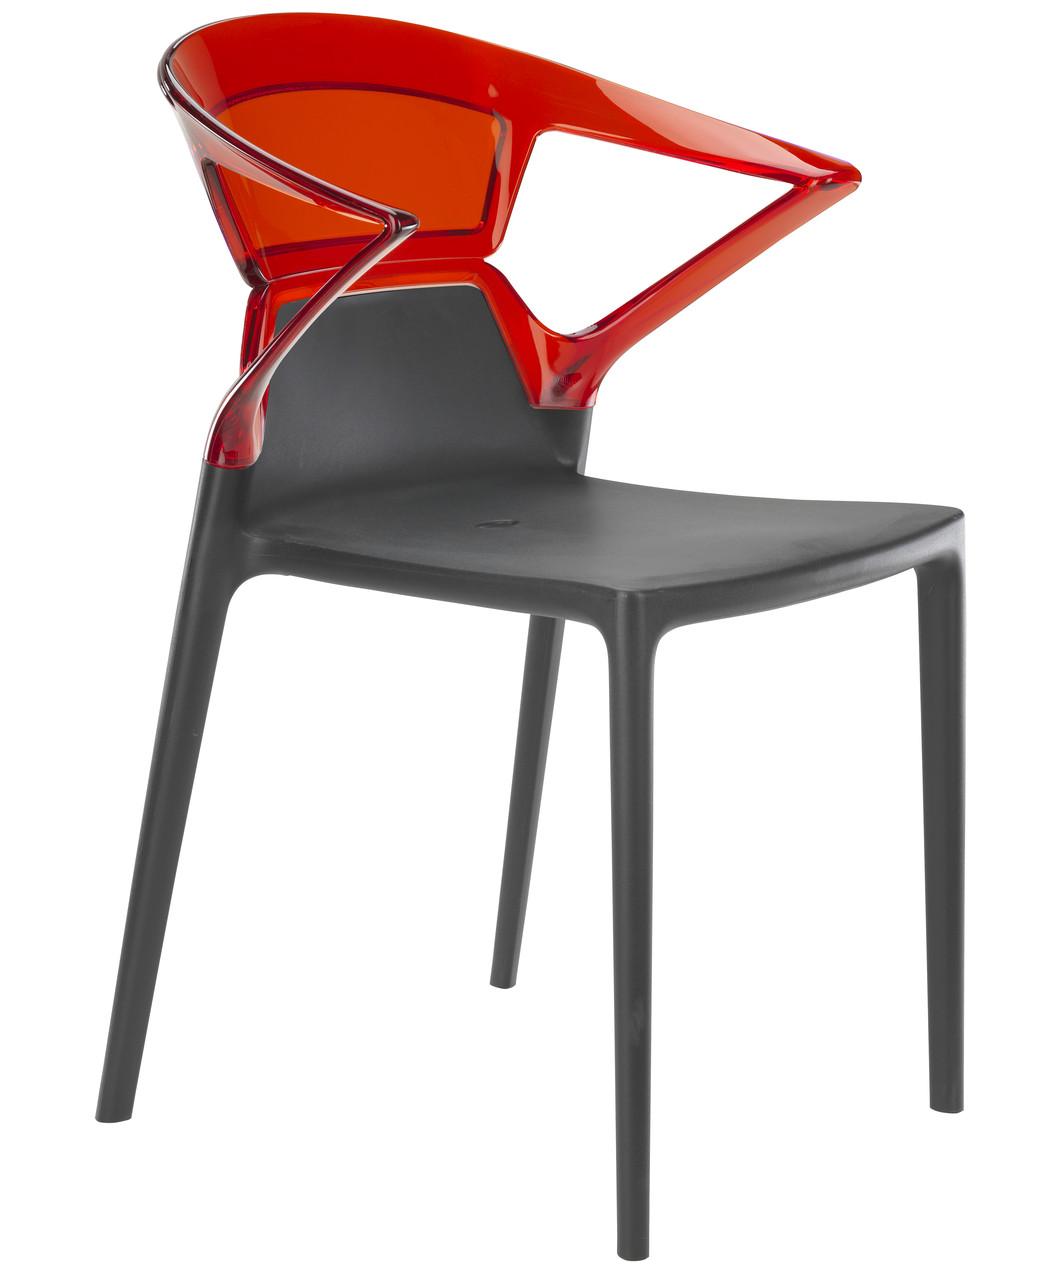 Кресло Ego-K сиденье Антрацит верх Прозрачно-красный (Papatya-TM)